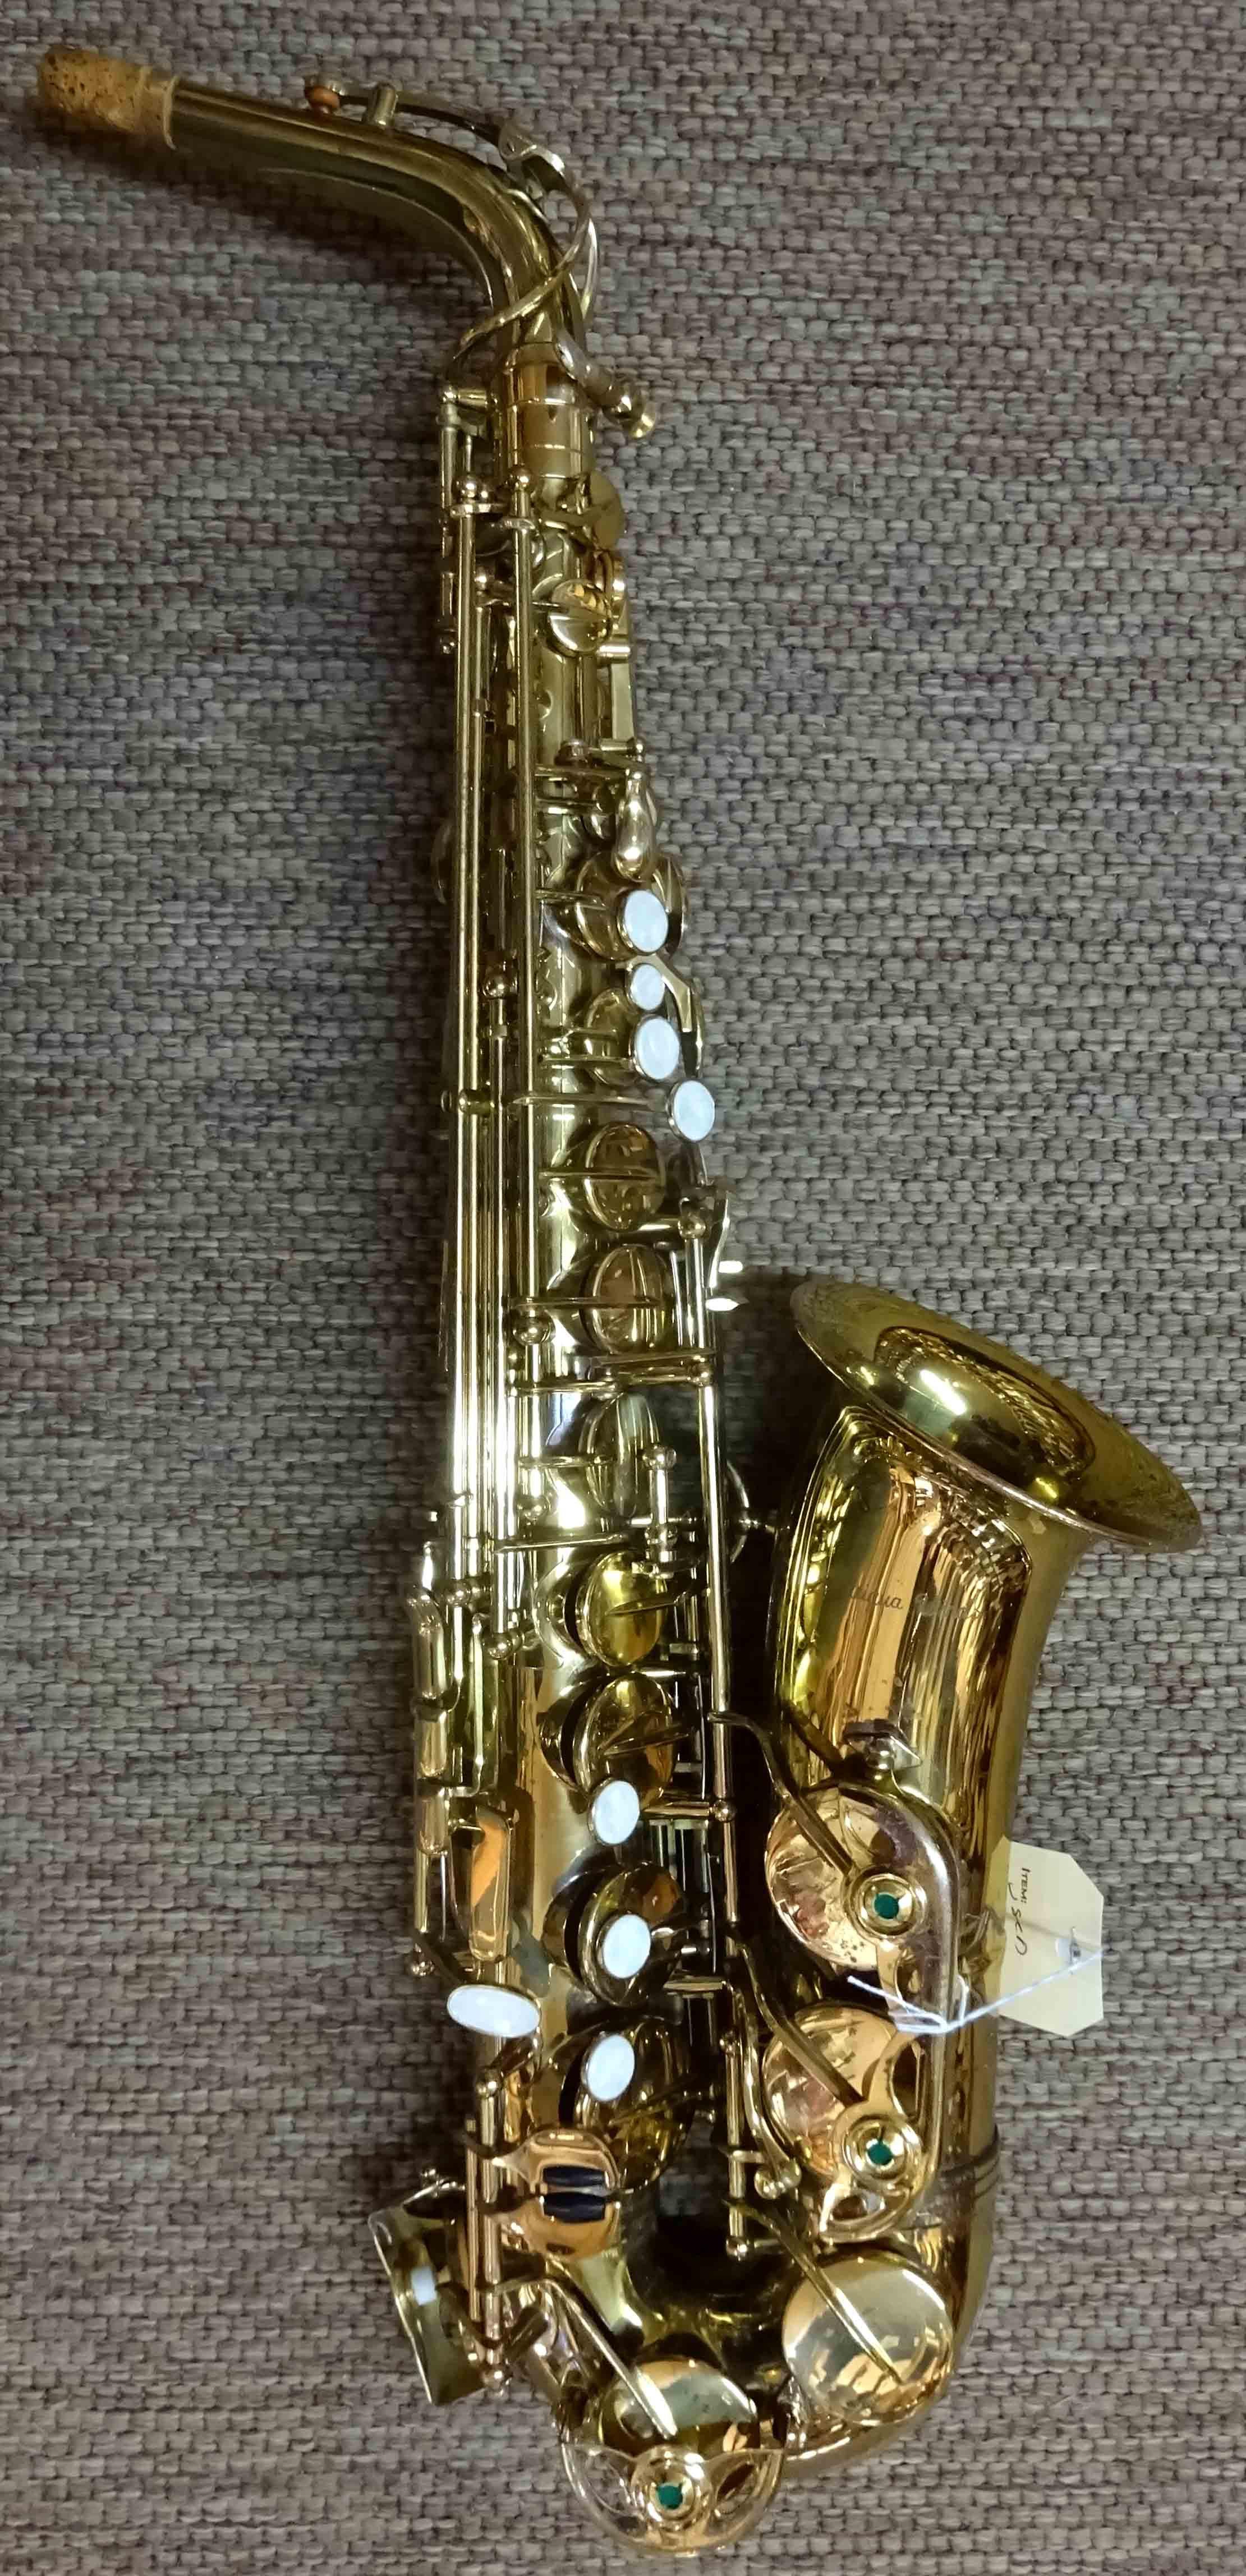 Antigua Winds Alto Saxophone USED!!!